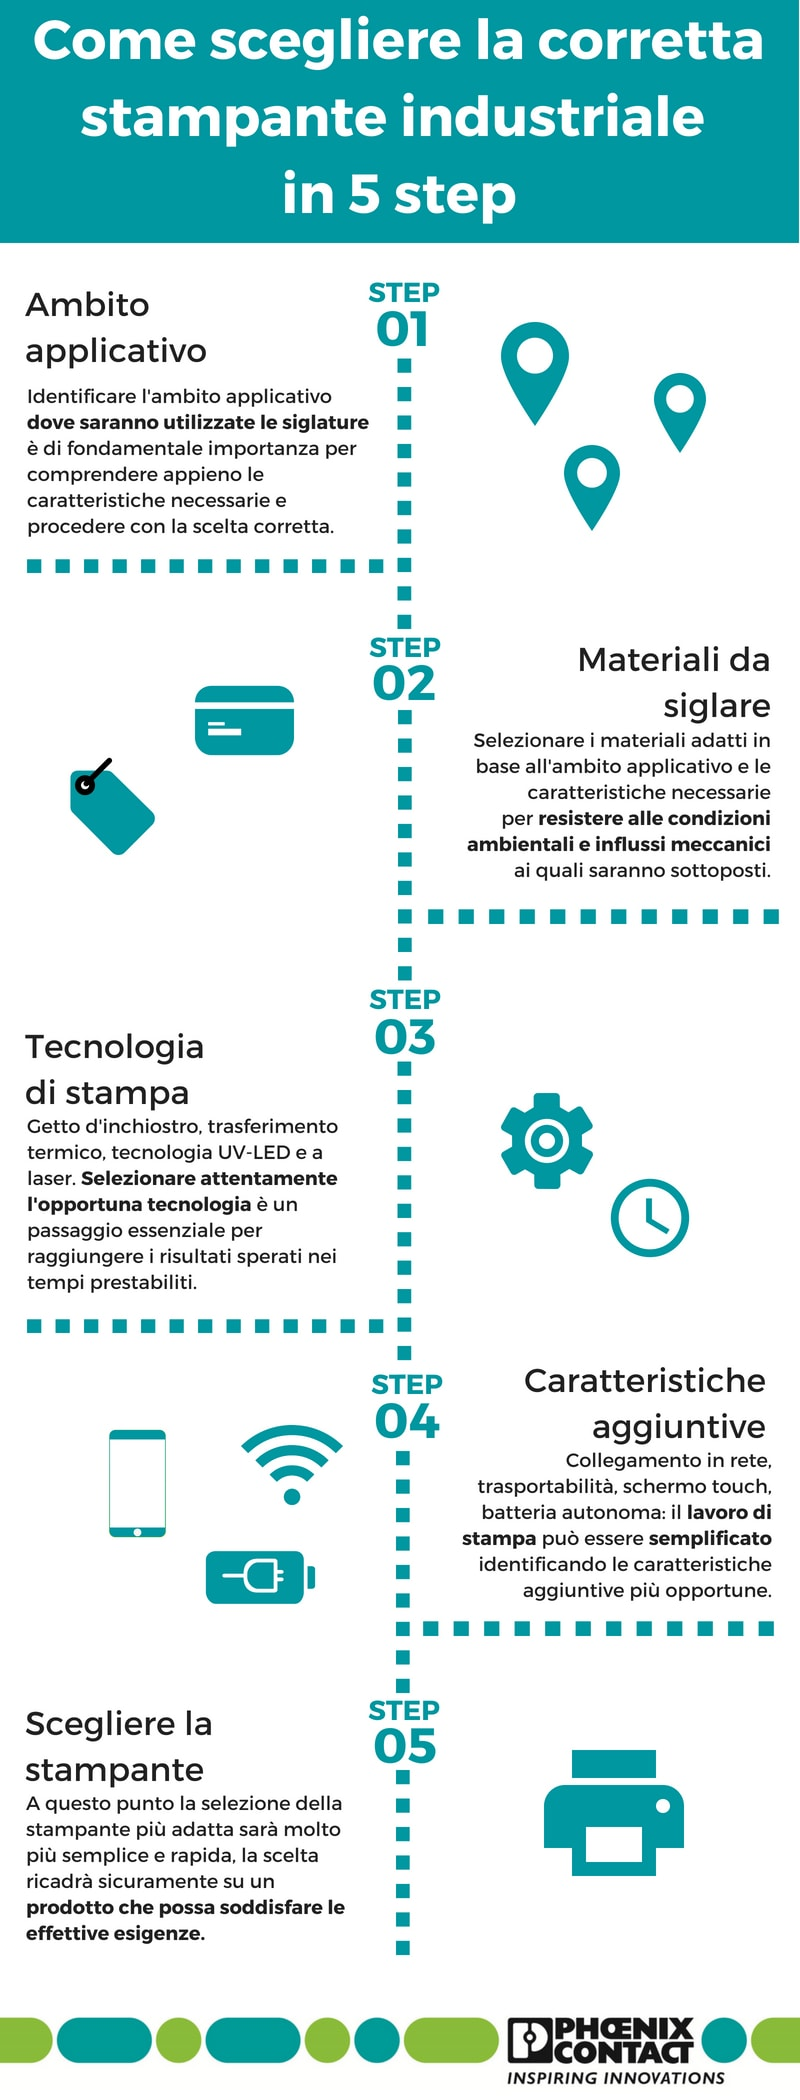 Come-scegliere-la-corretta-stampante-industriale-in-5-step